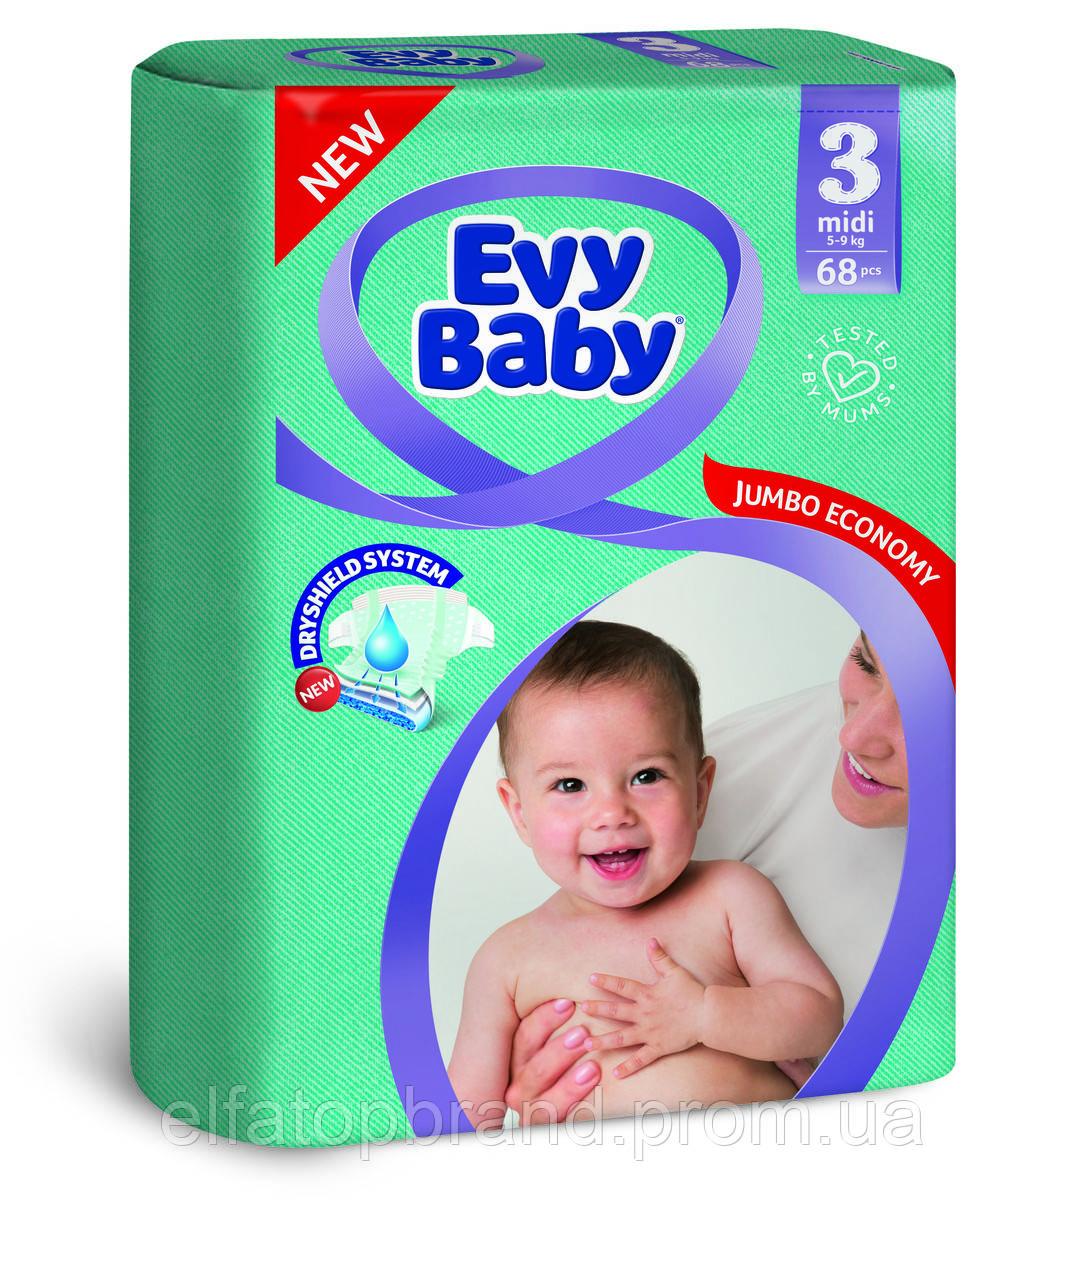 Підгузники Дитячі EVY BABY Еві Бебі MIDI ELASTIC JUMBO № 3 (5-9 кг) 68 шт